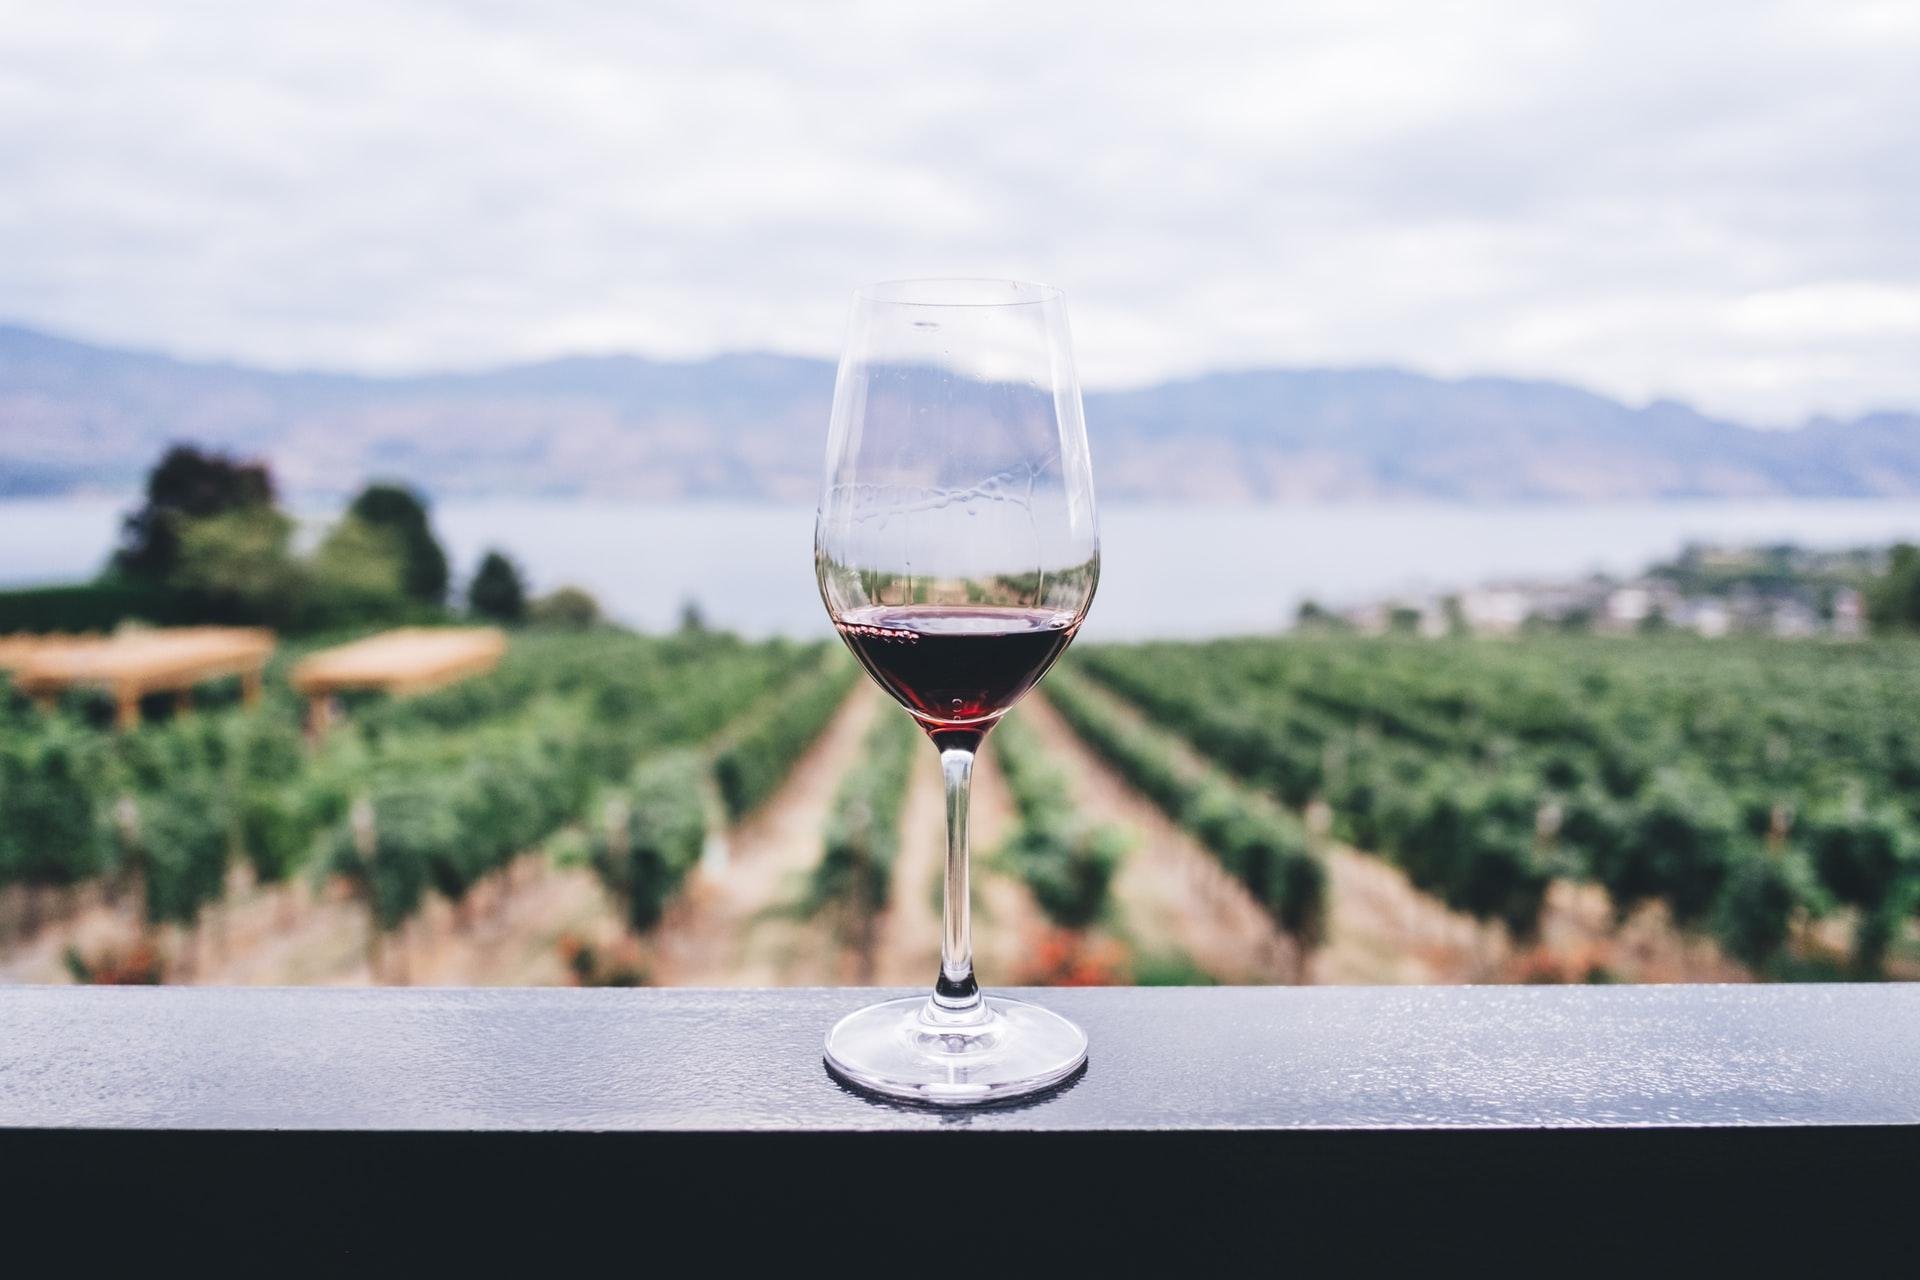 Bliv vinekspert